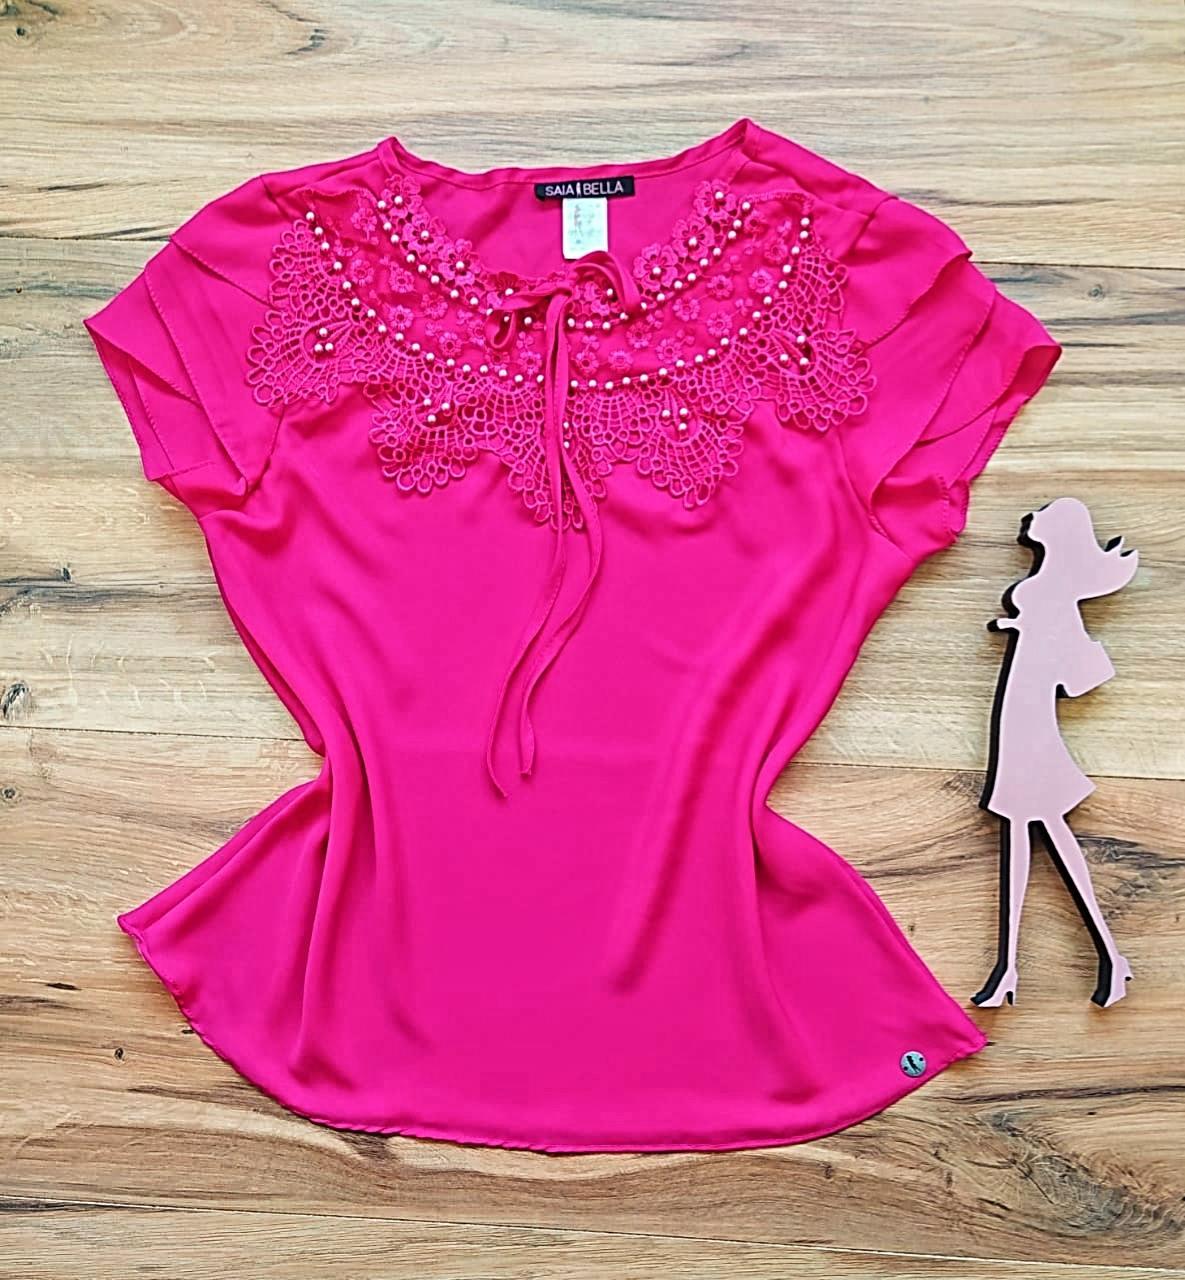 Blusa Yone Saia Bella - SB27812 Pink